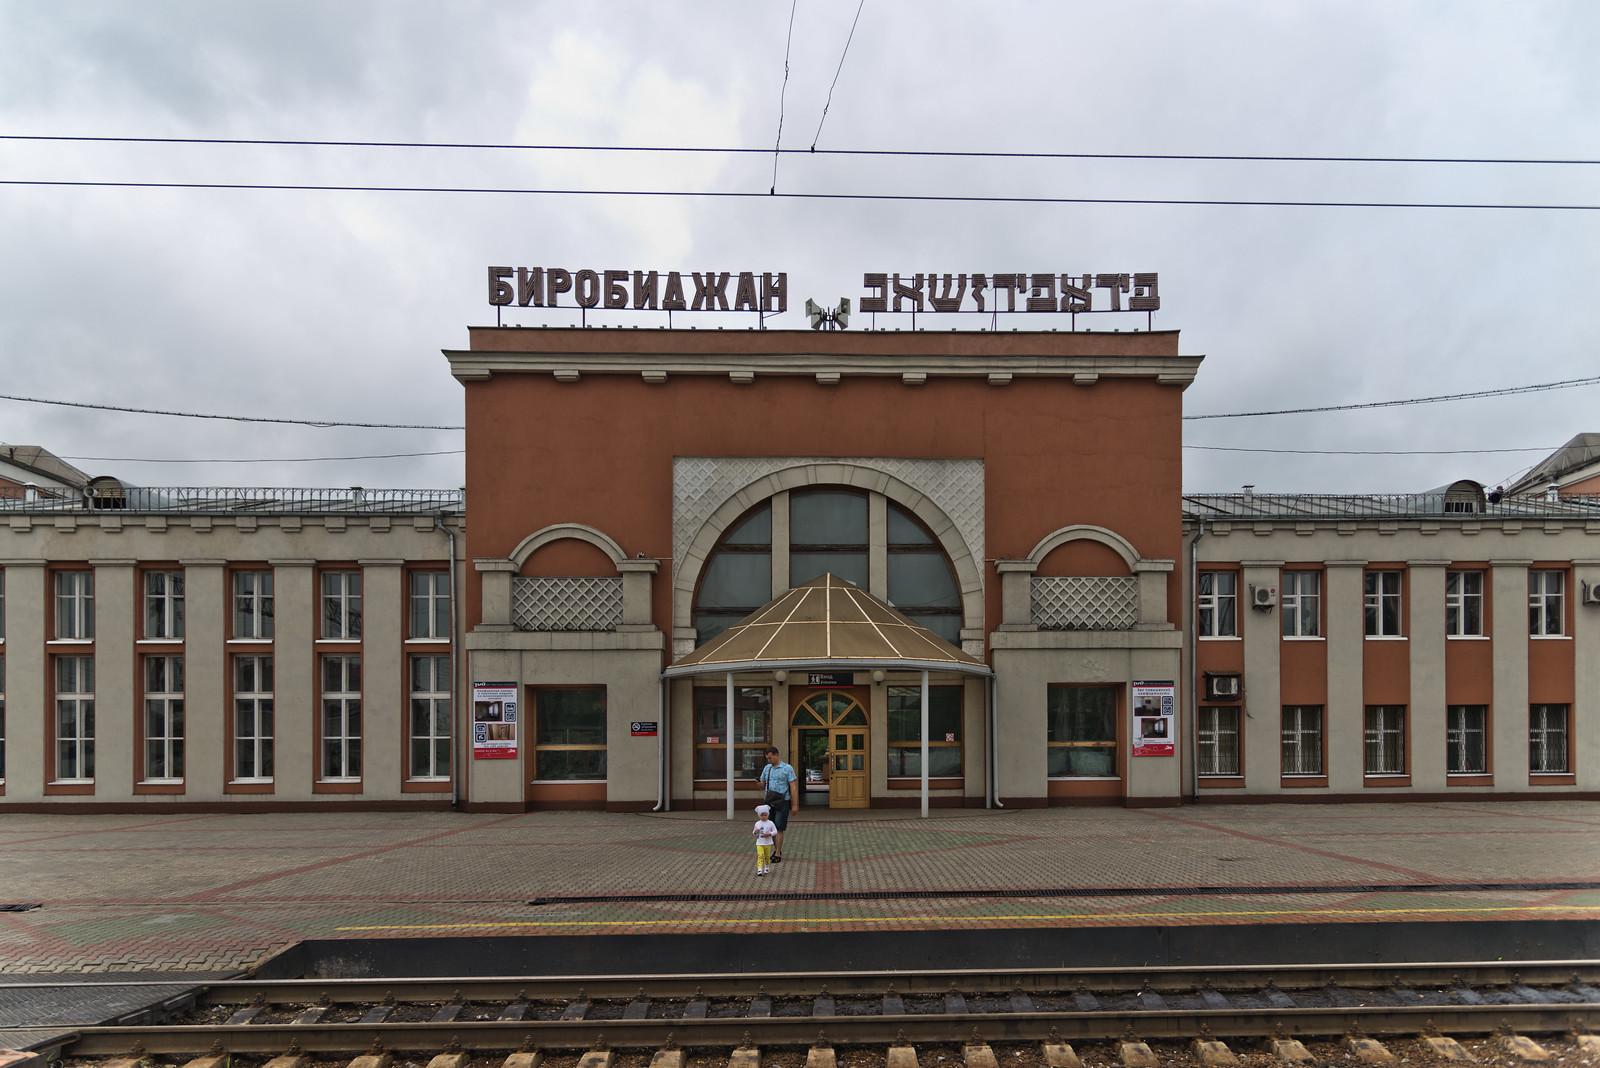 Birobidzhan